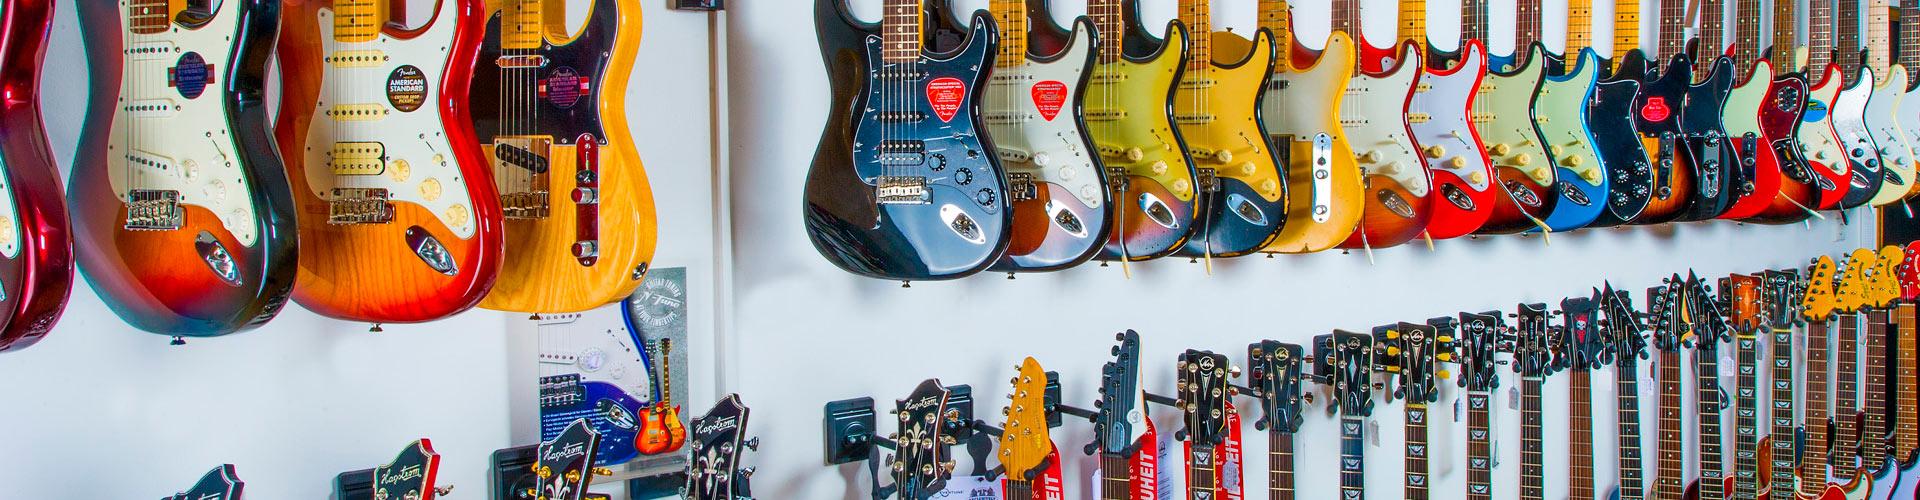 E-Gitarrenabteilung des Musikhaus Beck